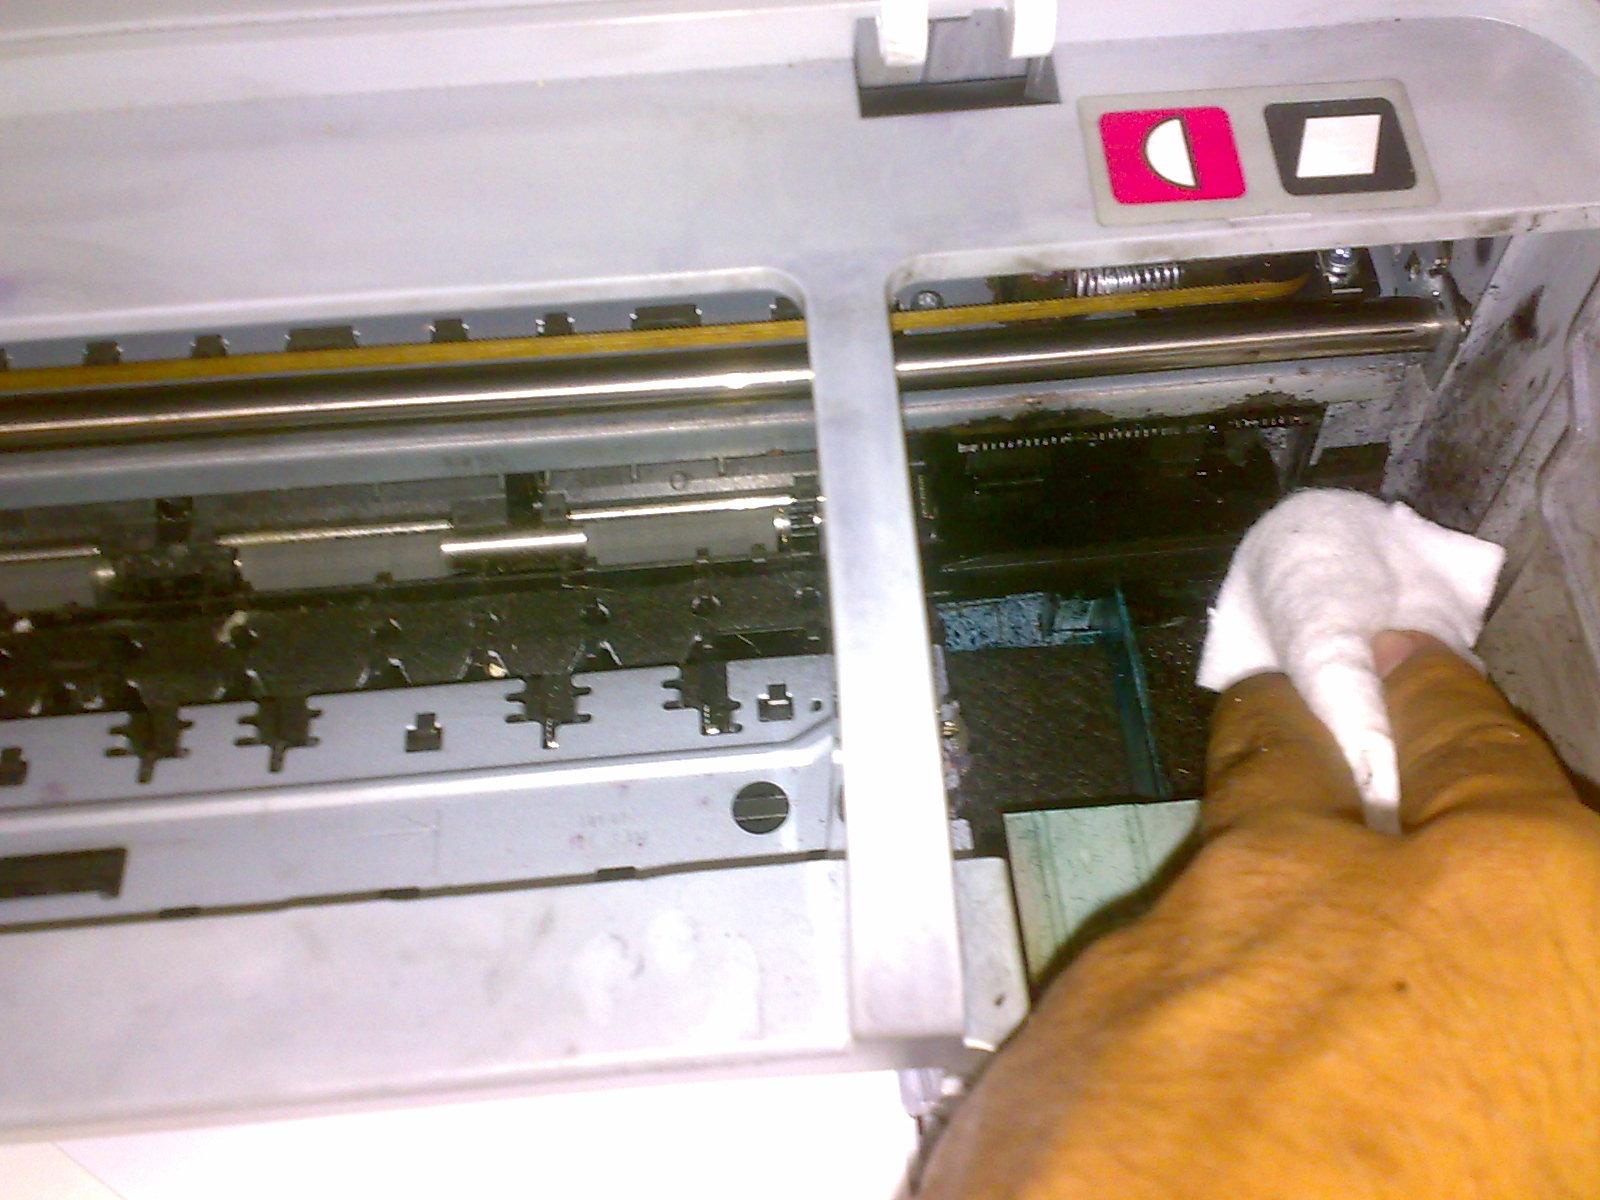 Cara Memperbaiki Print Head Tersumbat, Macet Karena Tinta Mengering